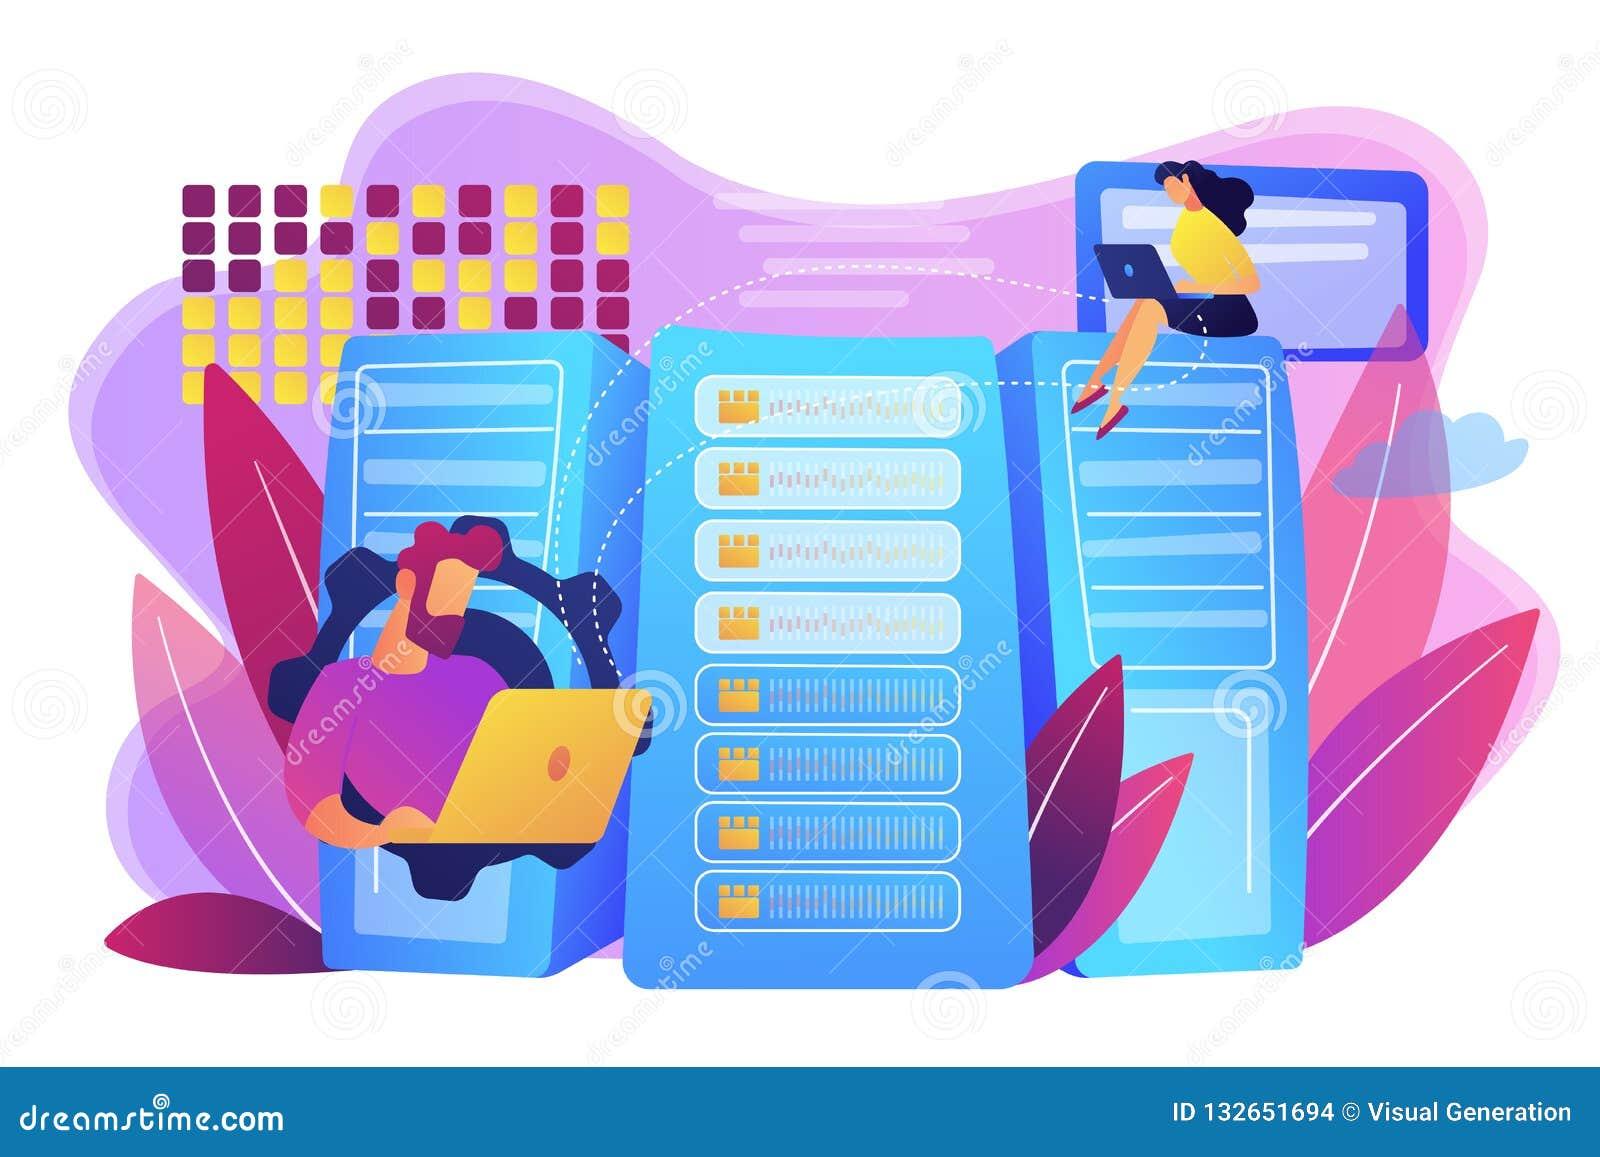 Ilustração grande do vetor do conceito do armazenamento de dados